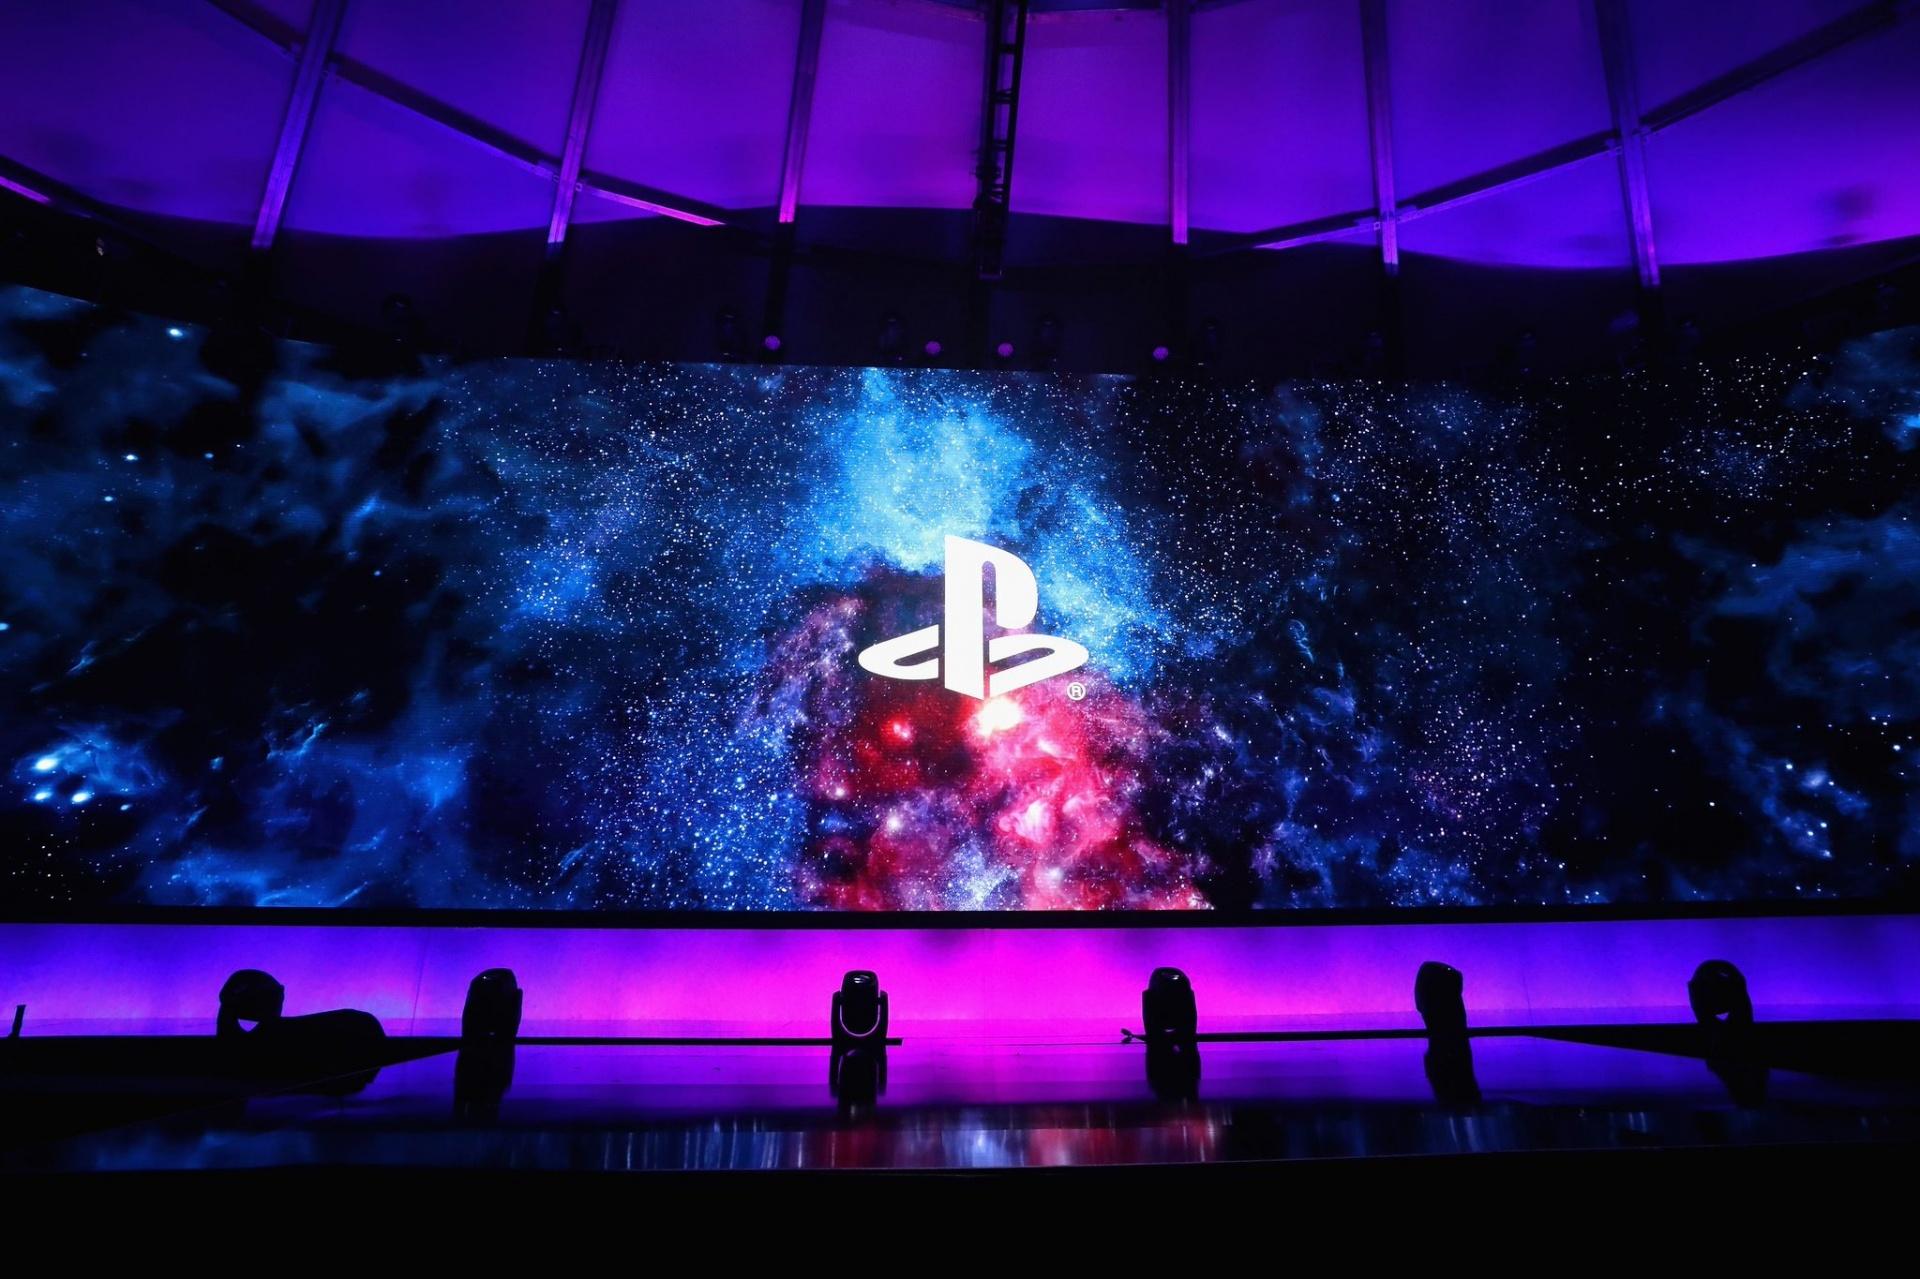 Официально: Sony пропустит E3 2020